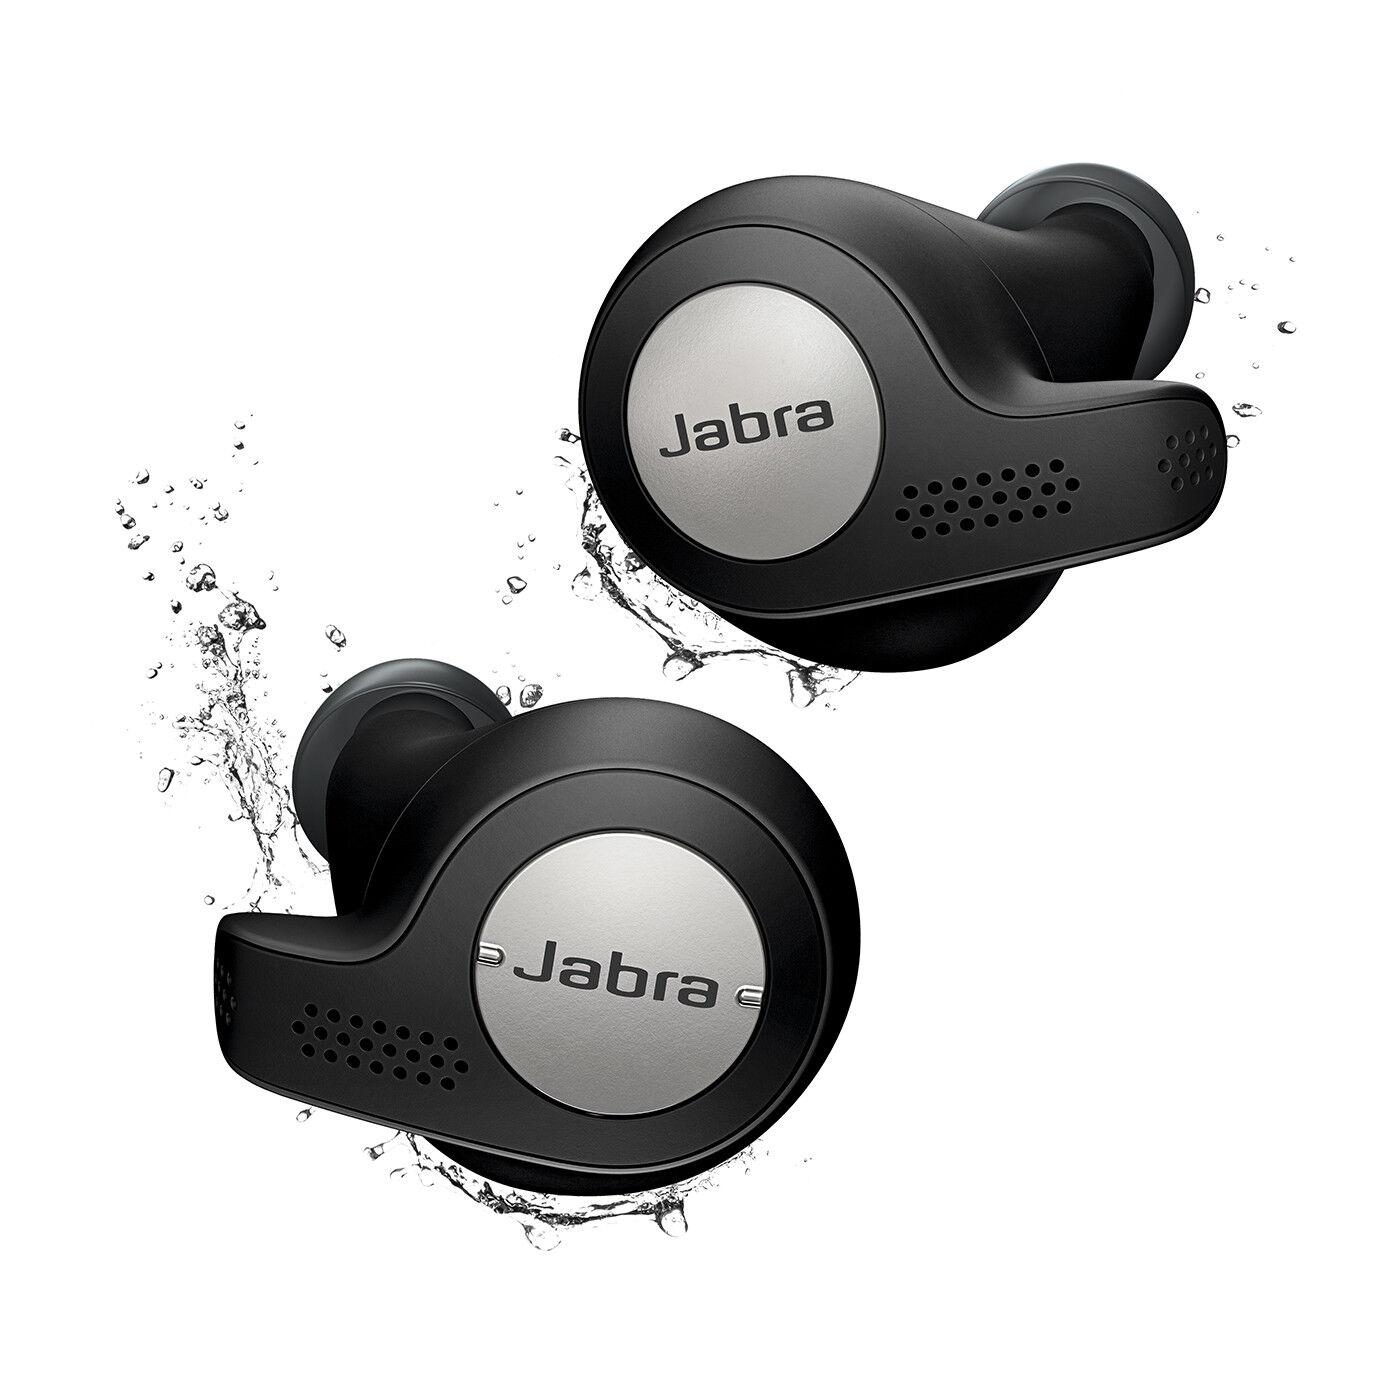 44f0c71f71b Jabra Elite Active 65t True Wireless Sport Earbuds (Manufacturer  Refurbished)